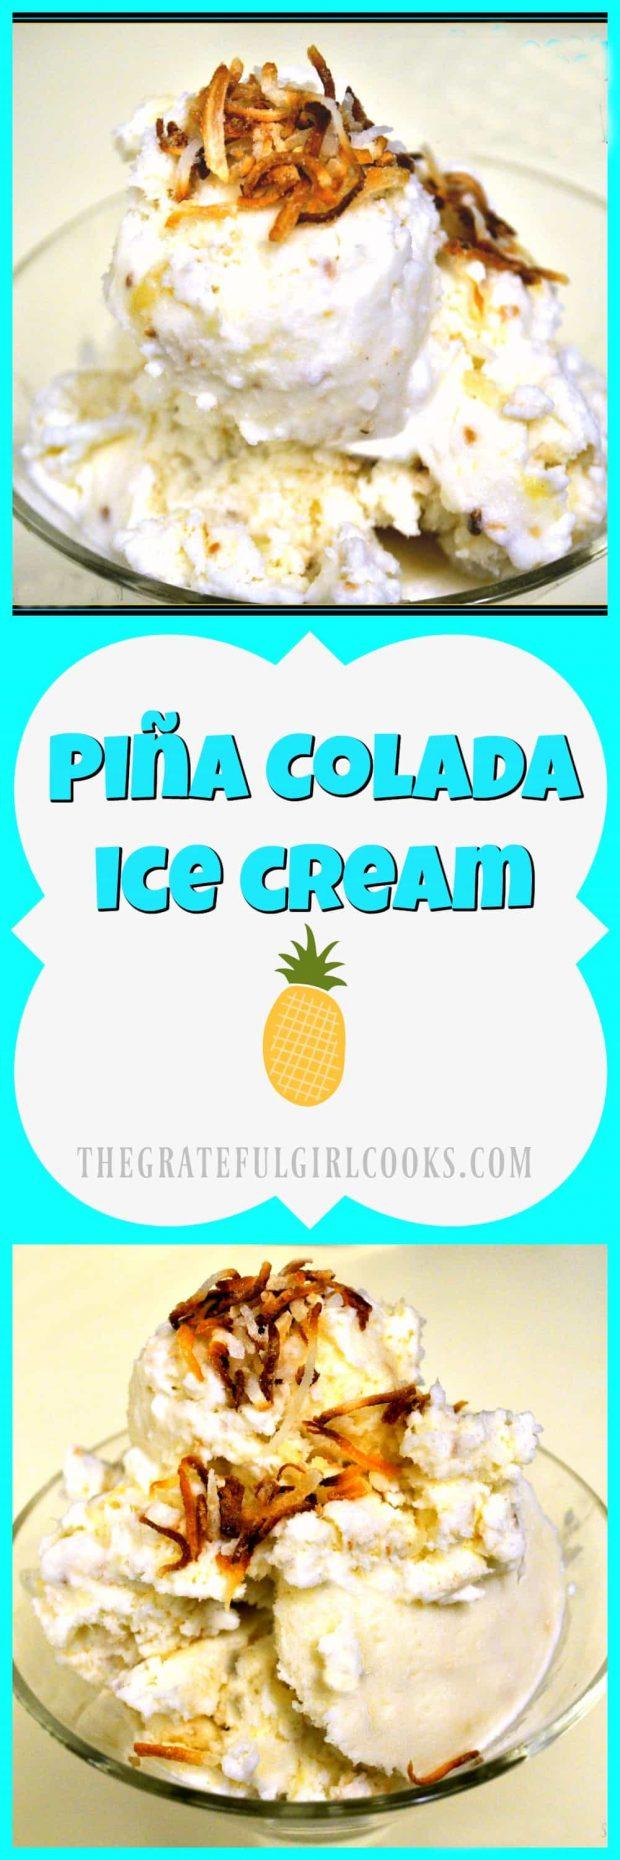 Piña Colada Ice Cream / The Grateful Girl Cooks!